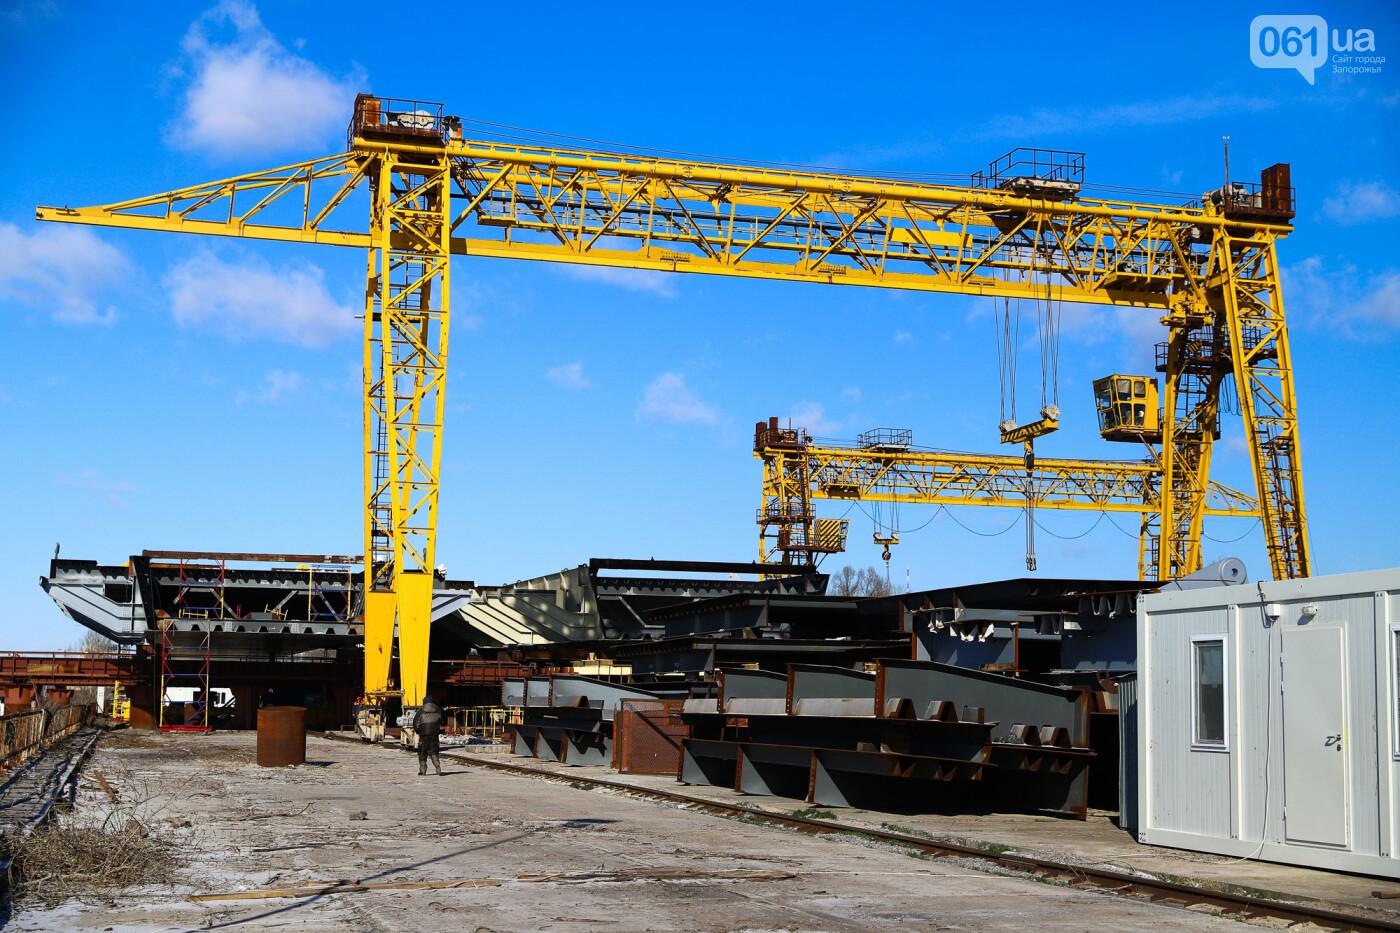 Кран с иностранной пропиской, ванты и металл: строительство запорожских мостов в фотографиях, фото-17